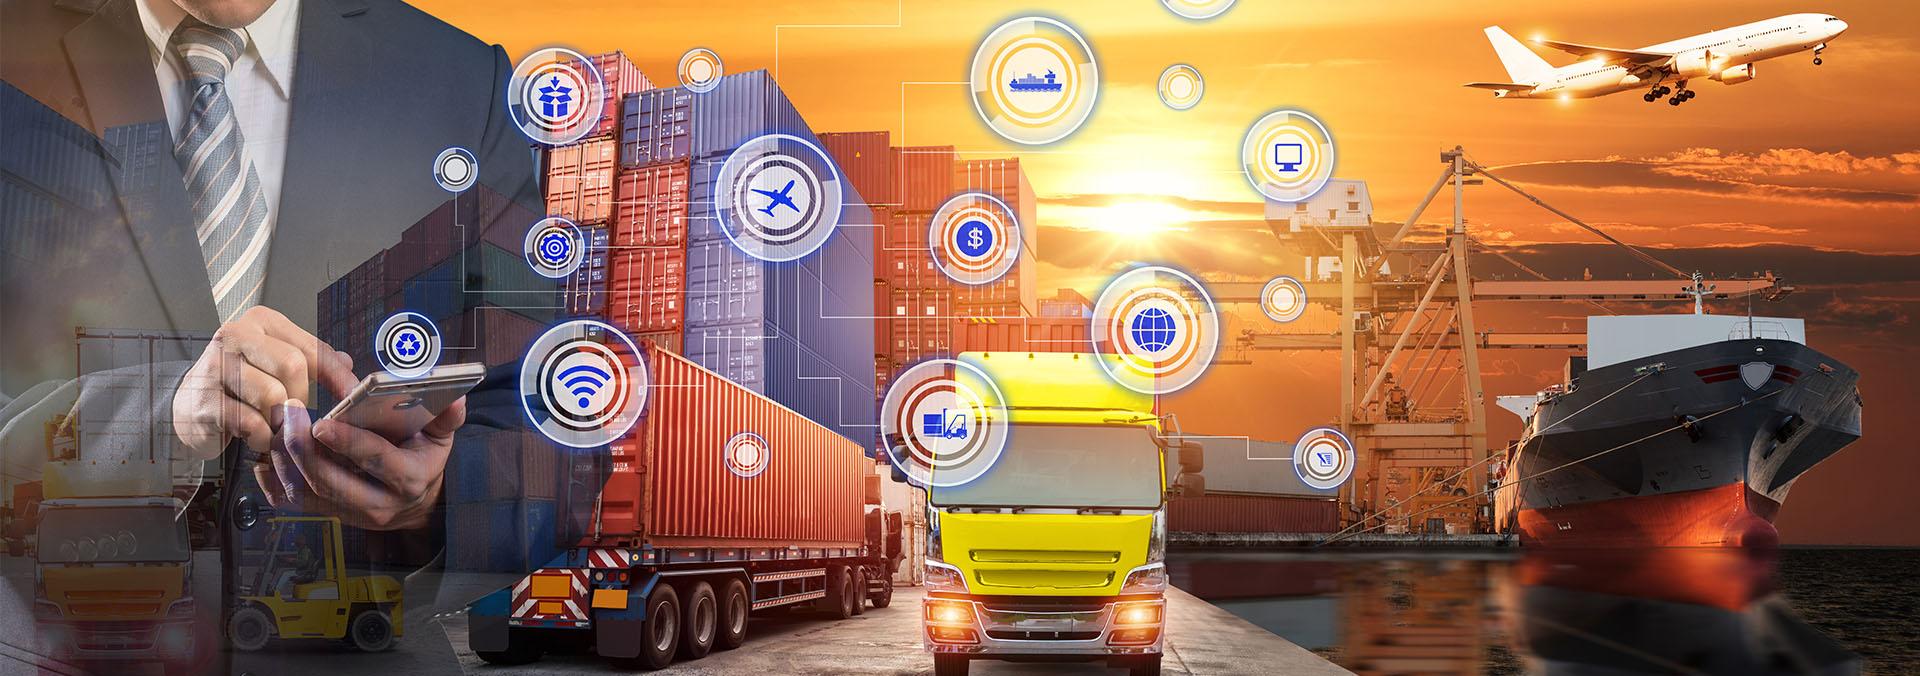 снимка описваща какво е транспорт и бизнес логистика